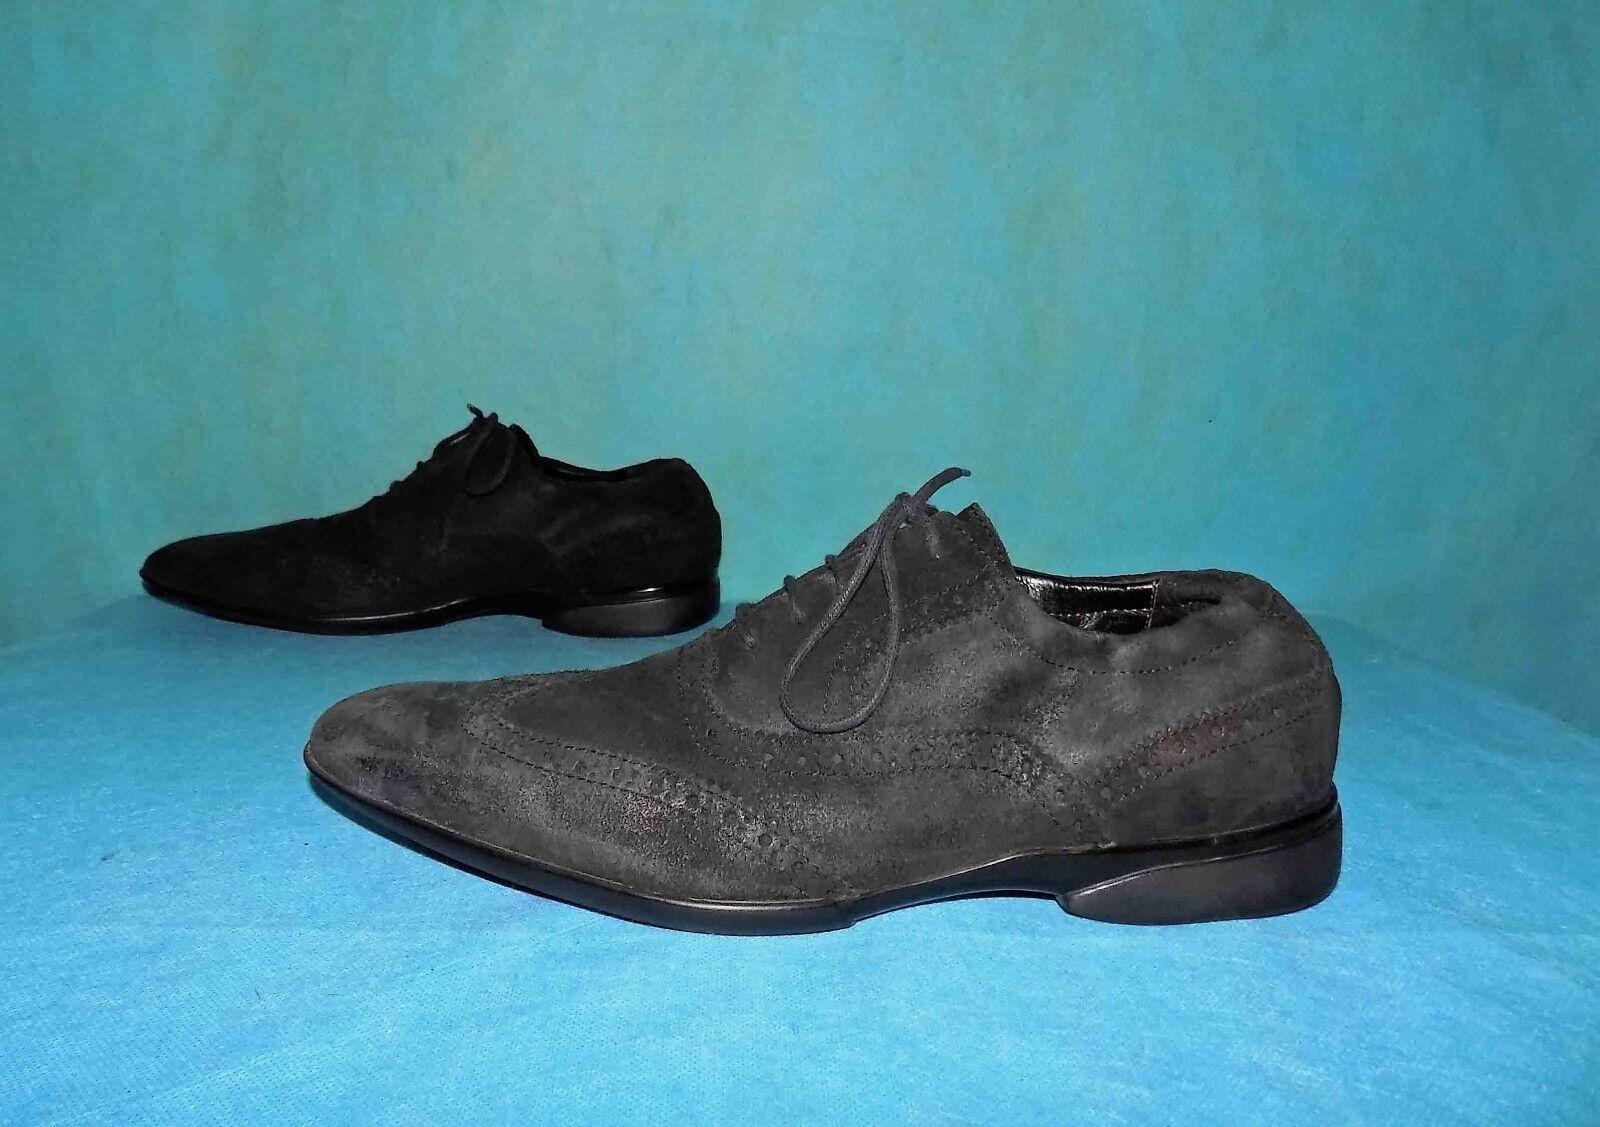 Scarpe derby MANFIELD di cuoio cuoio di nero p 8 regno unito o 42 fr ottime condizioni 8b17f5